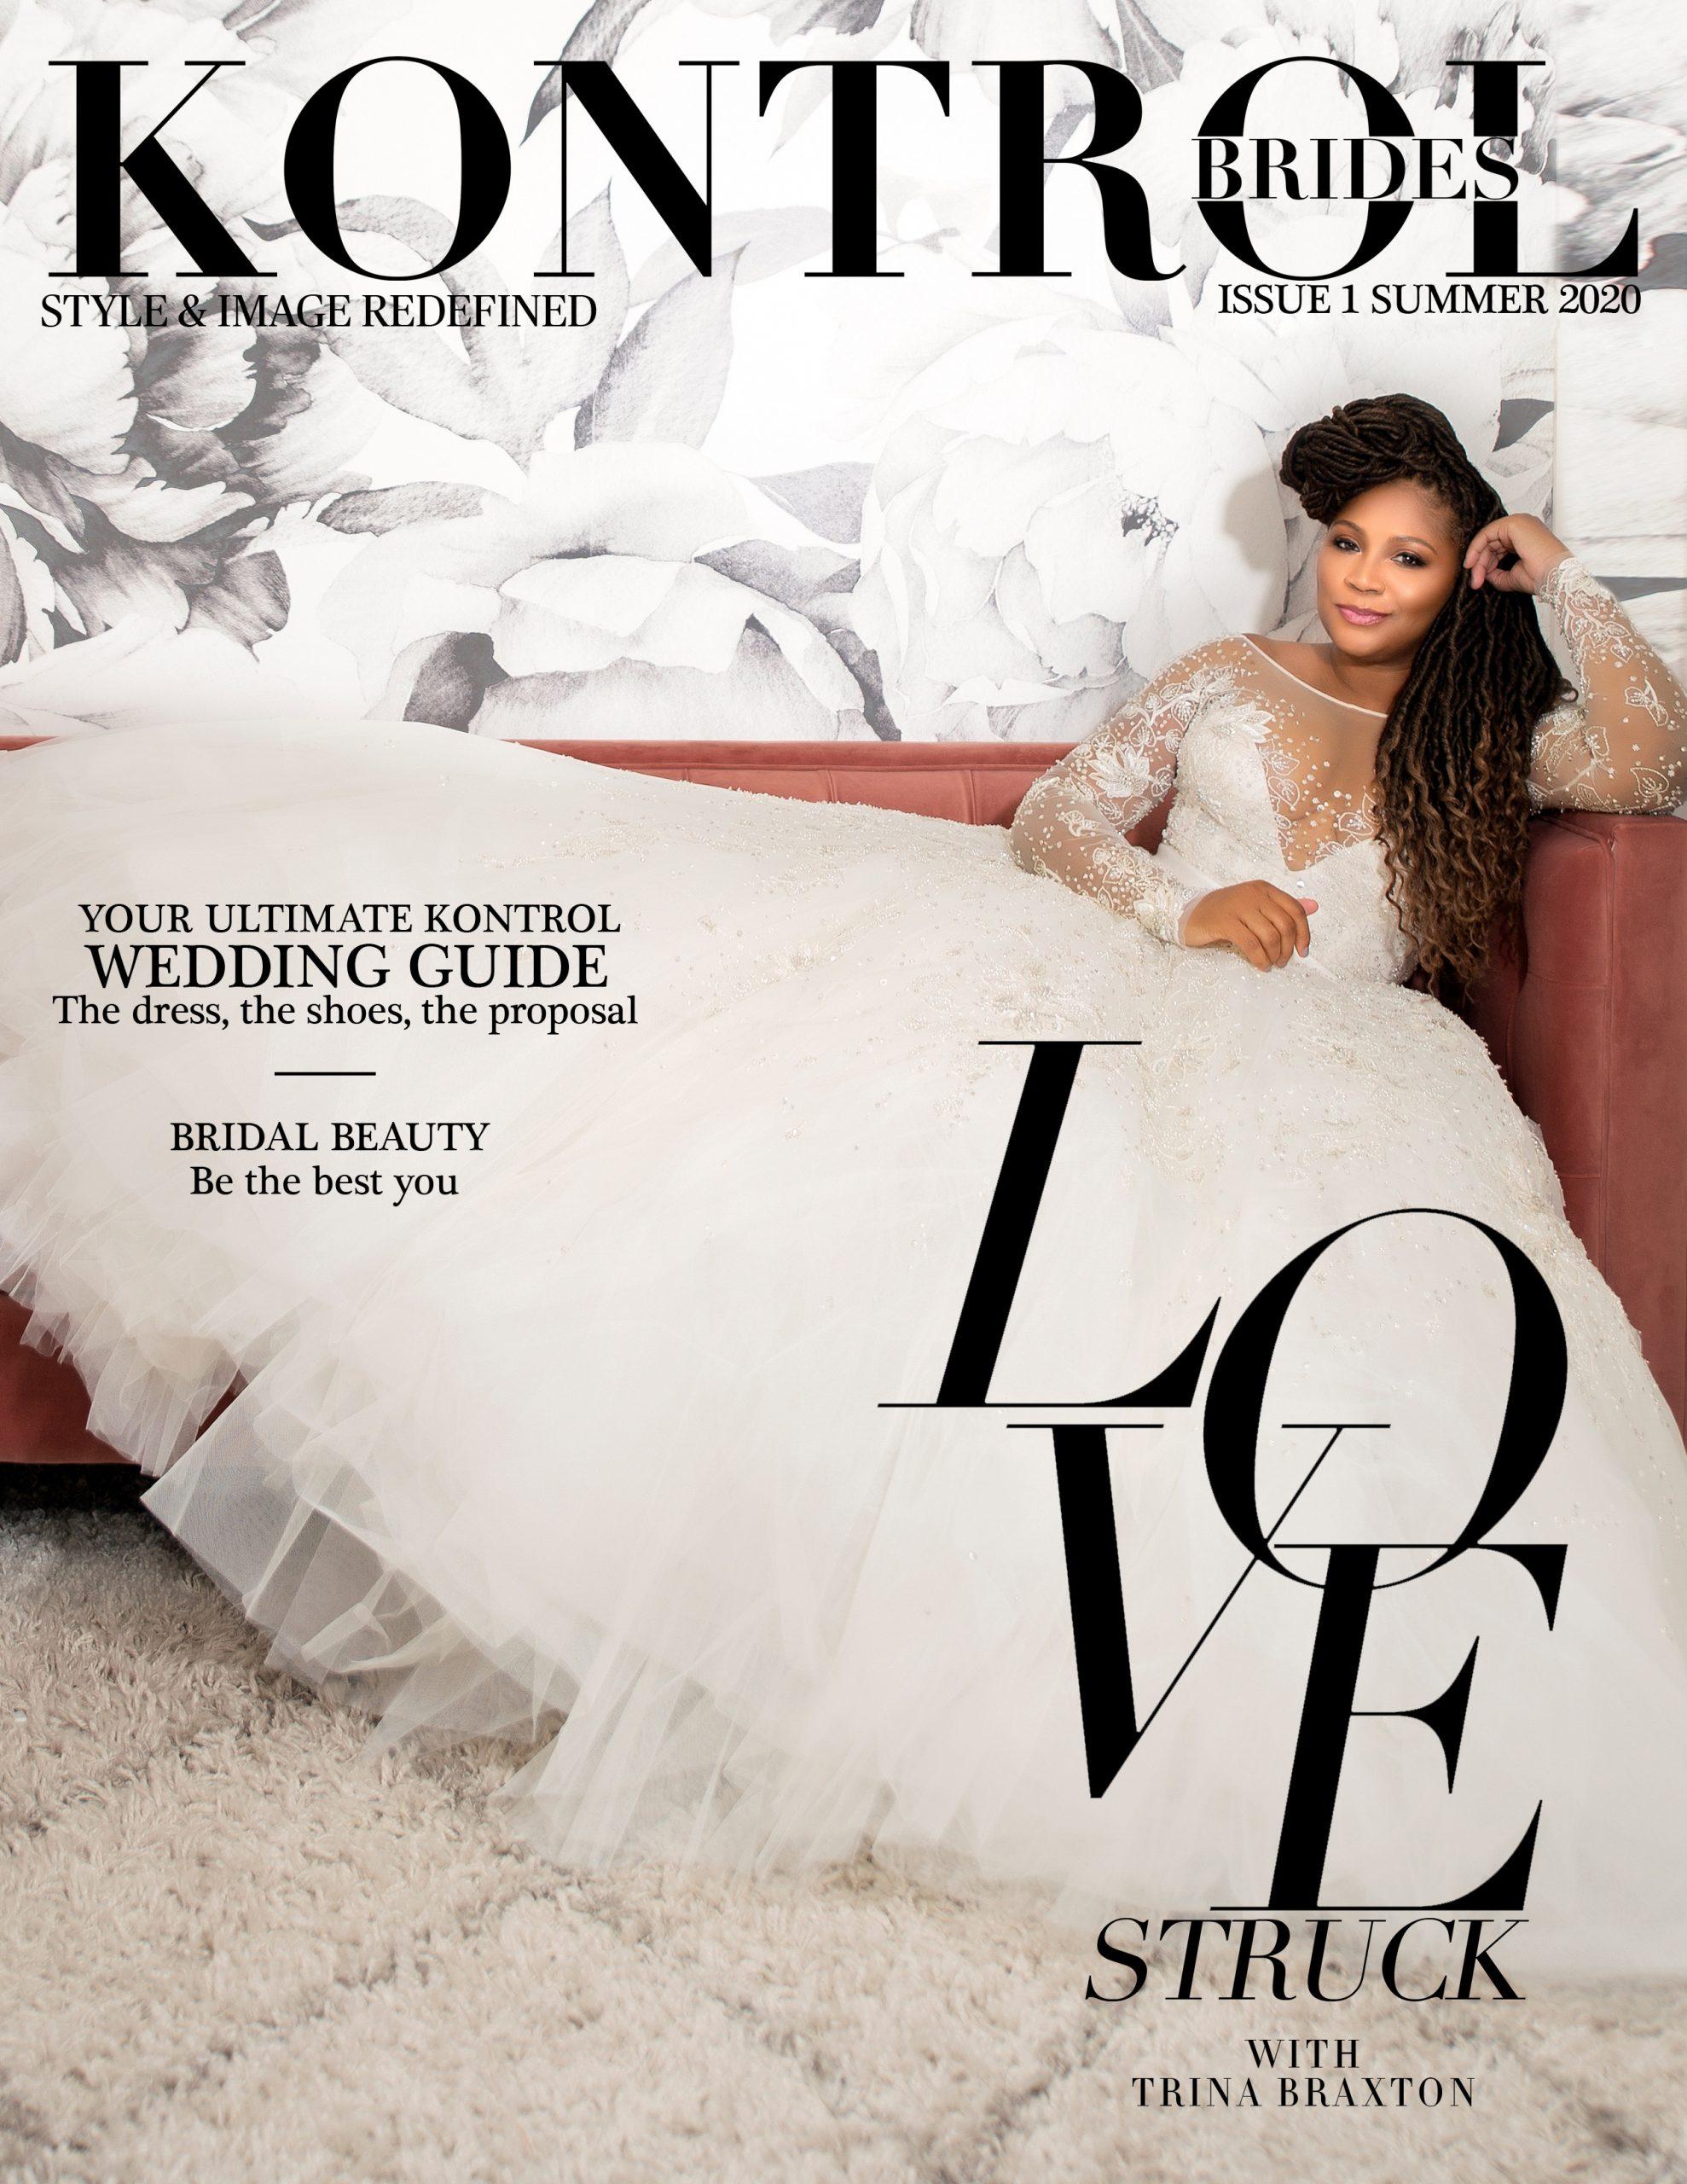 Trina Braxton For Kontrol Magazine Bride's Issue Summer 2020